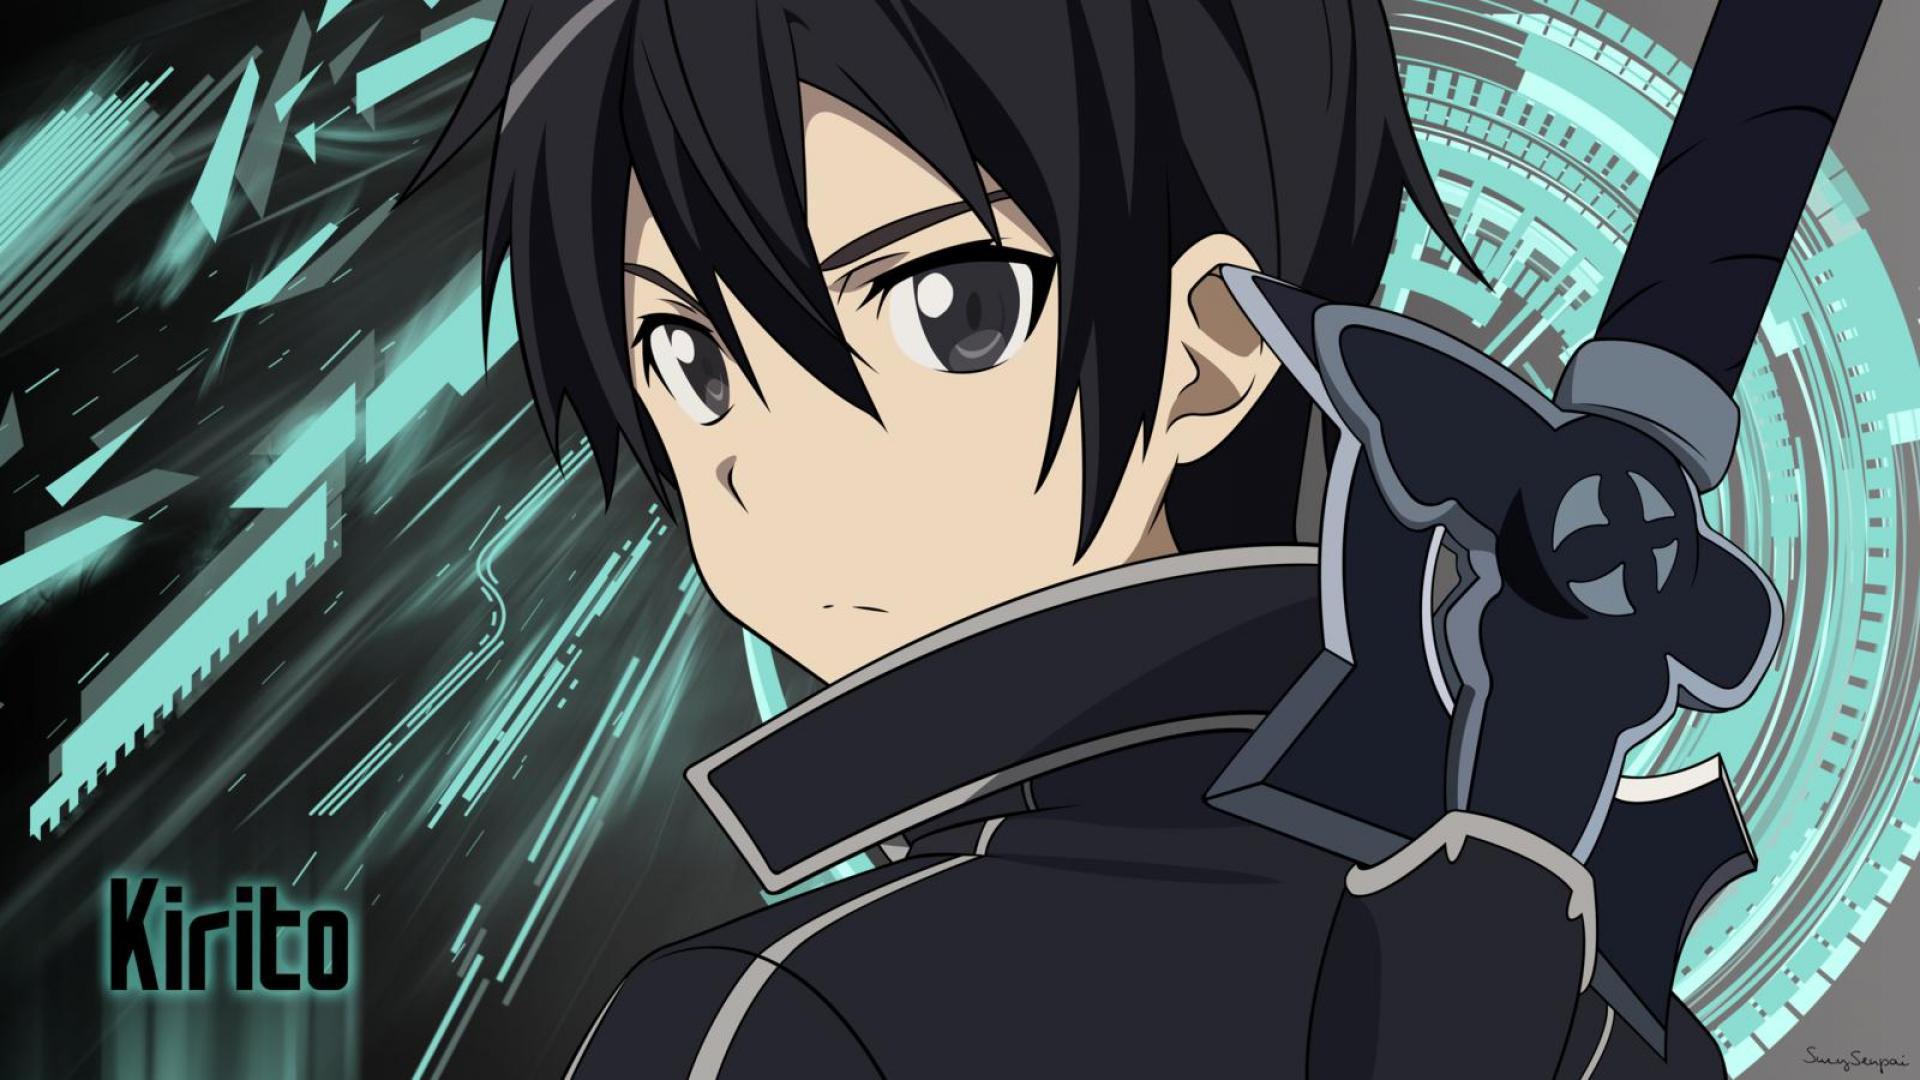 Bạn thần tượng Kirito hay Asuna? Hay là bạn thần tượng cả 2 nhân vật trên? Ở đây chúng tôi có hình nền riêng của từng nhân vật và hình nền có ...